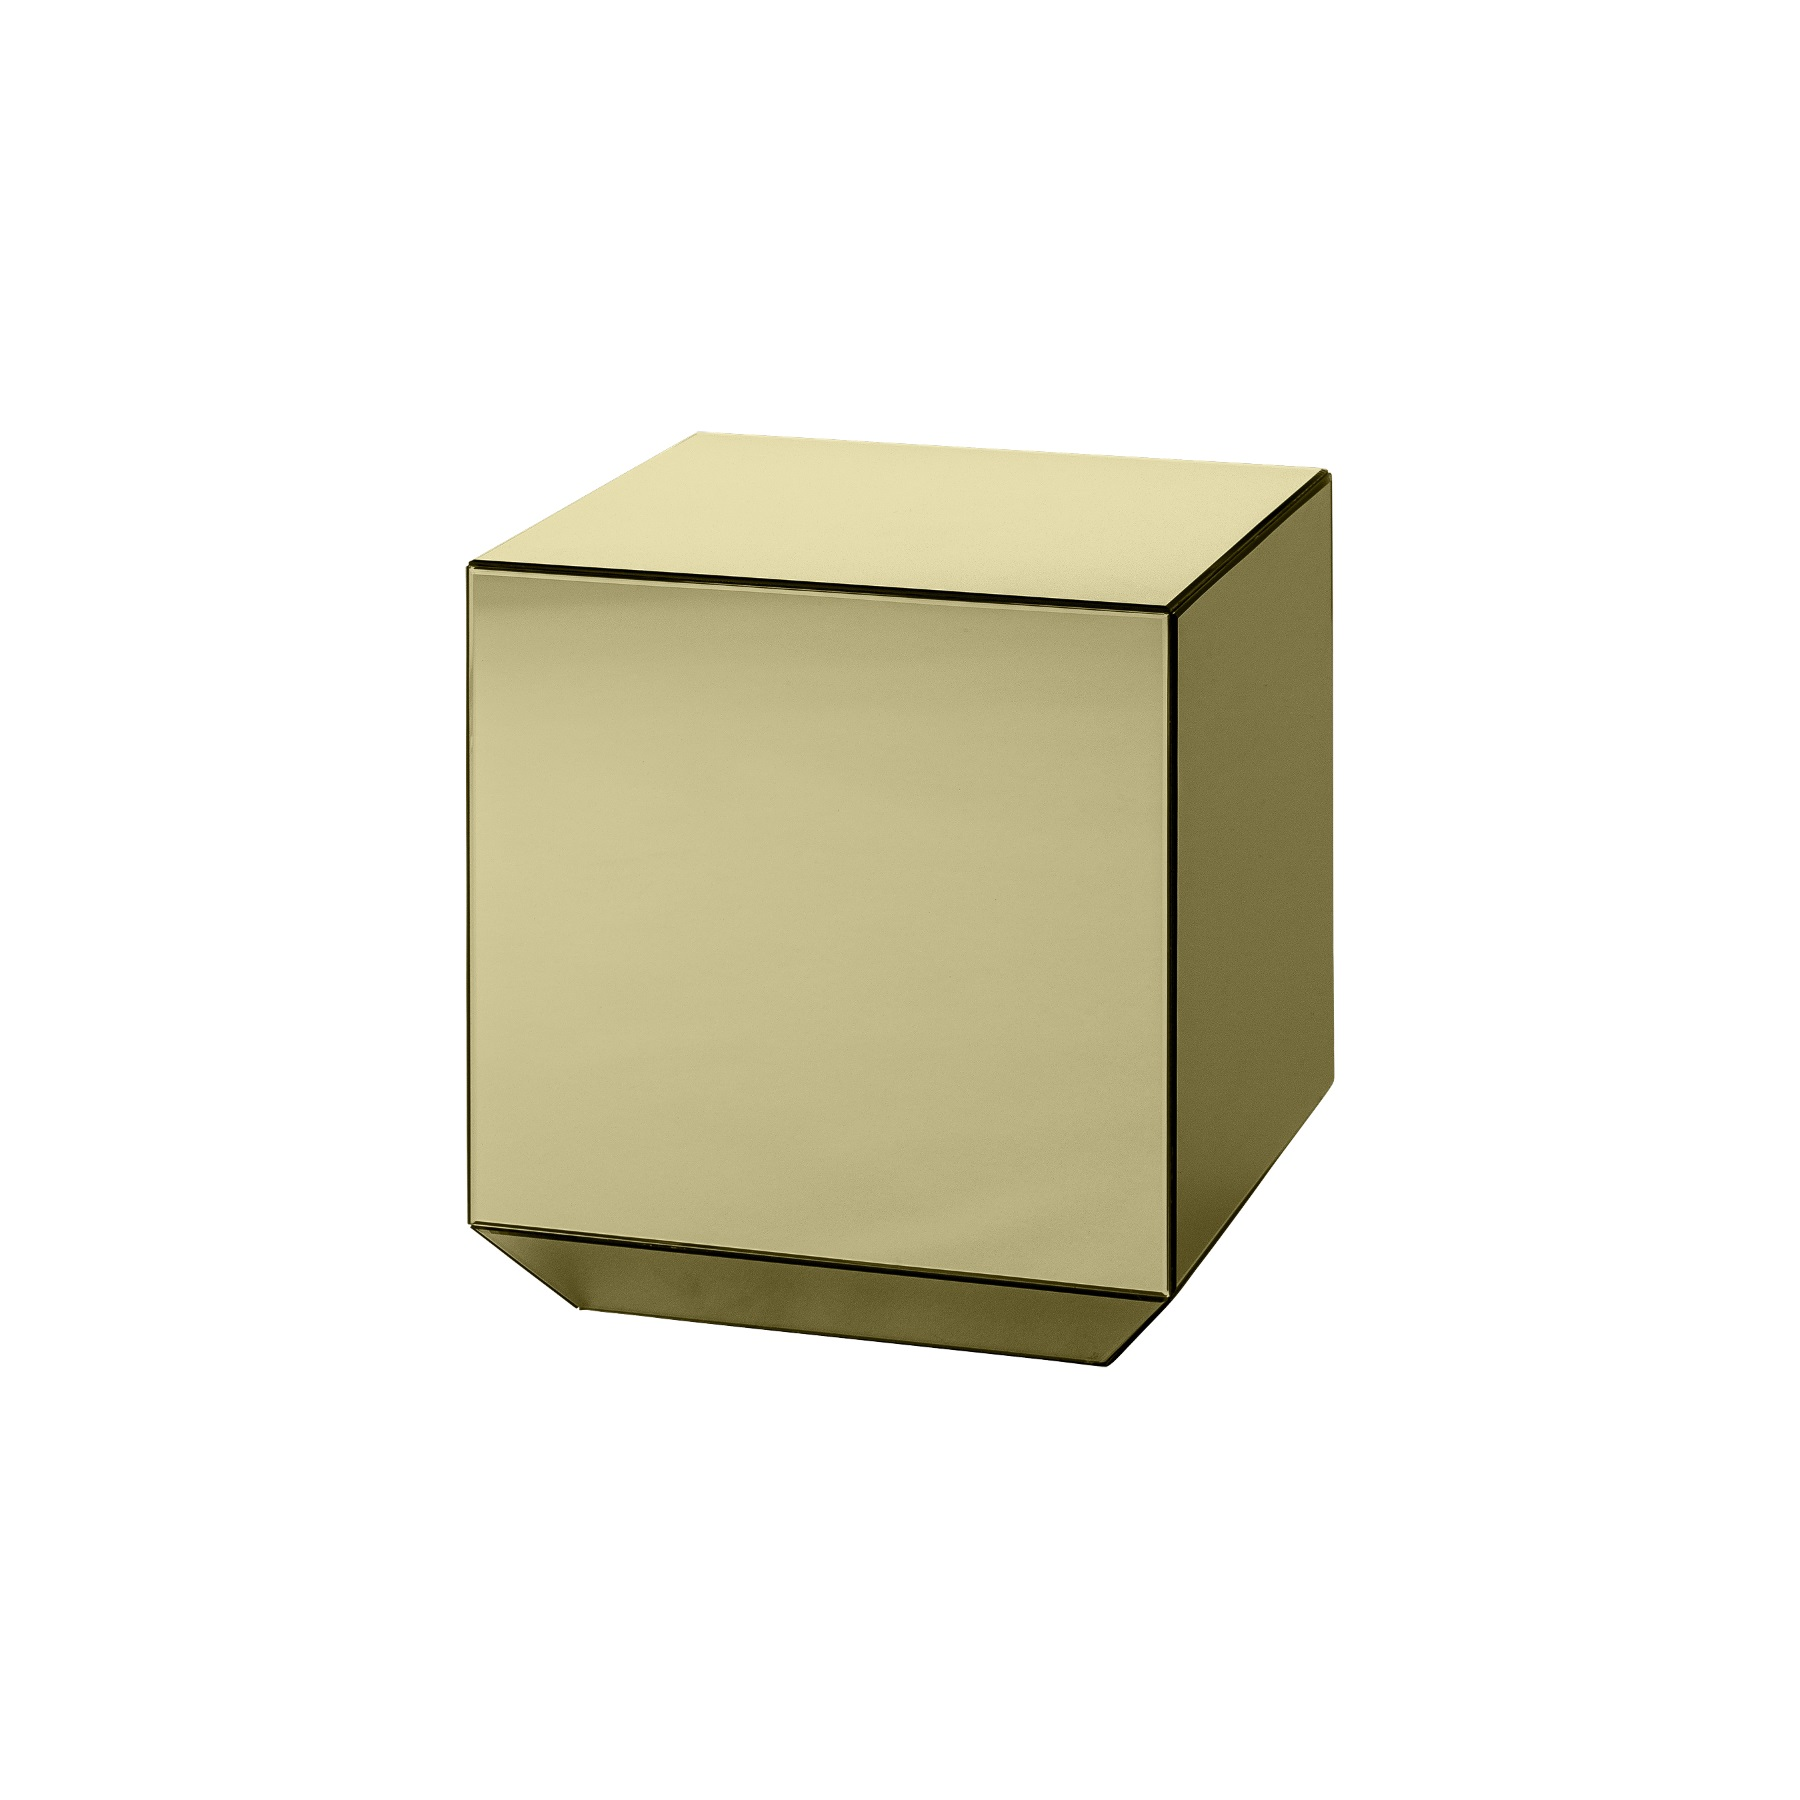 Spegelbord SPECULUM table guld, AYTM